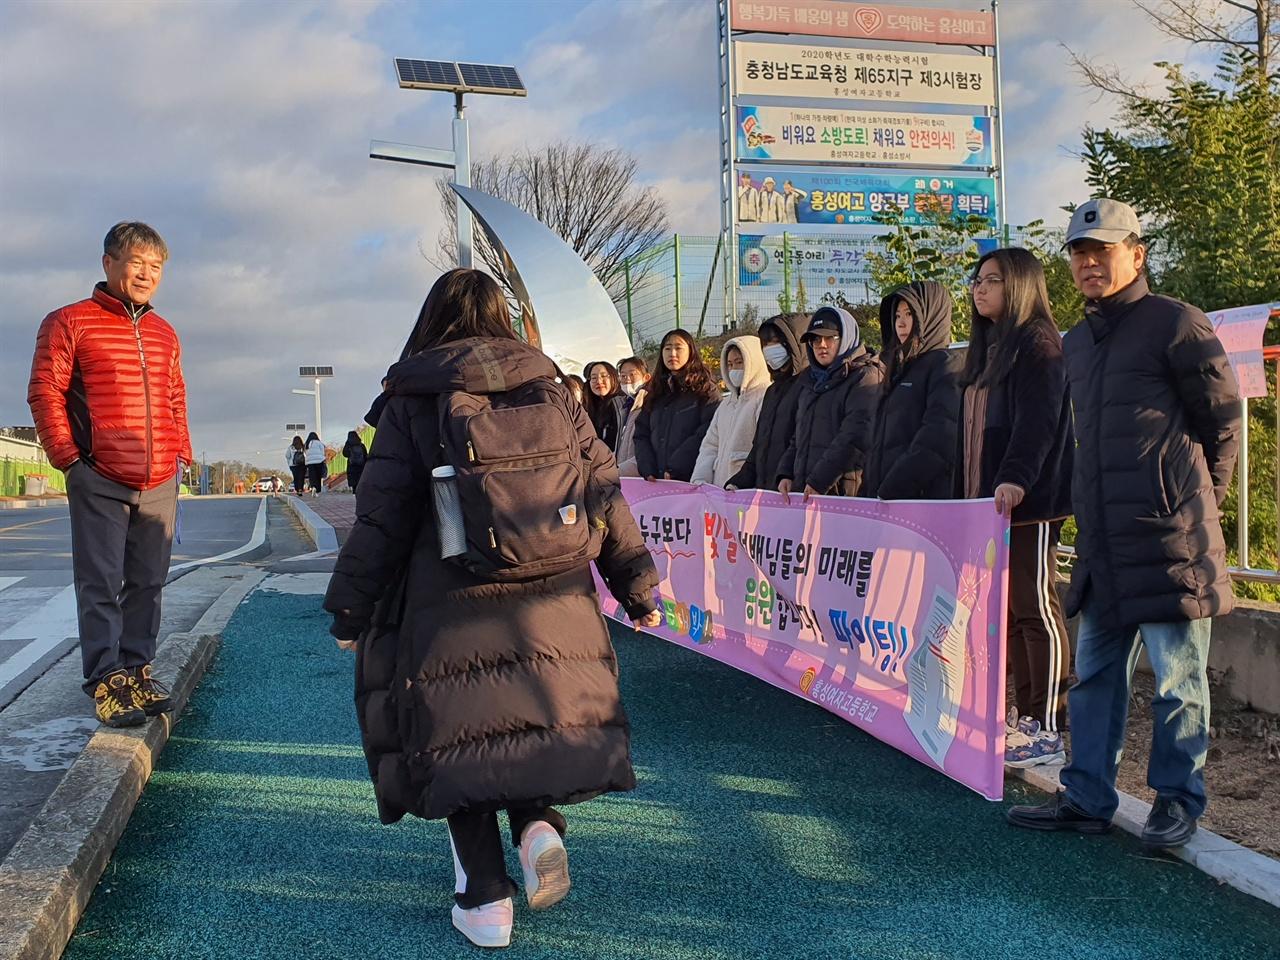 수능이 열리는 홍성의 홍주고 정문 앞에는 후배들이 '수능대박 ', '우주의 기운을 모아 수능대박 가즈아' 등의 문구가 담긴 펼침막을 내걸고 선배들을 응원했다.